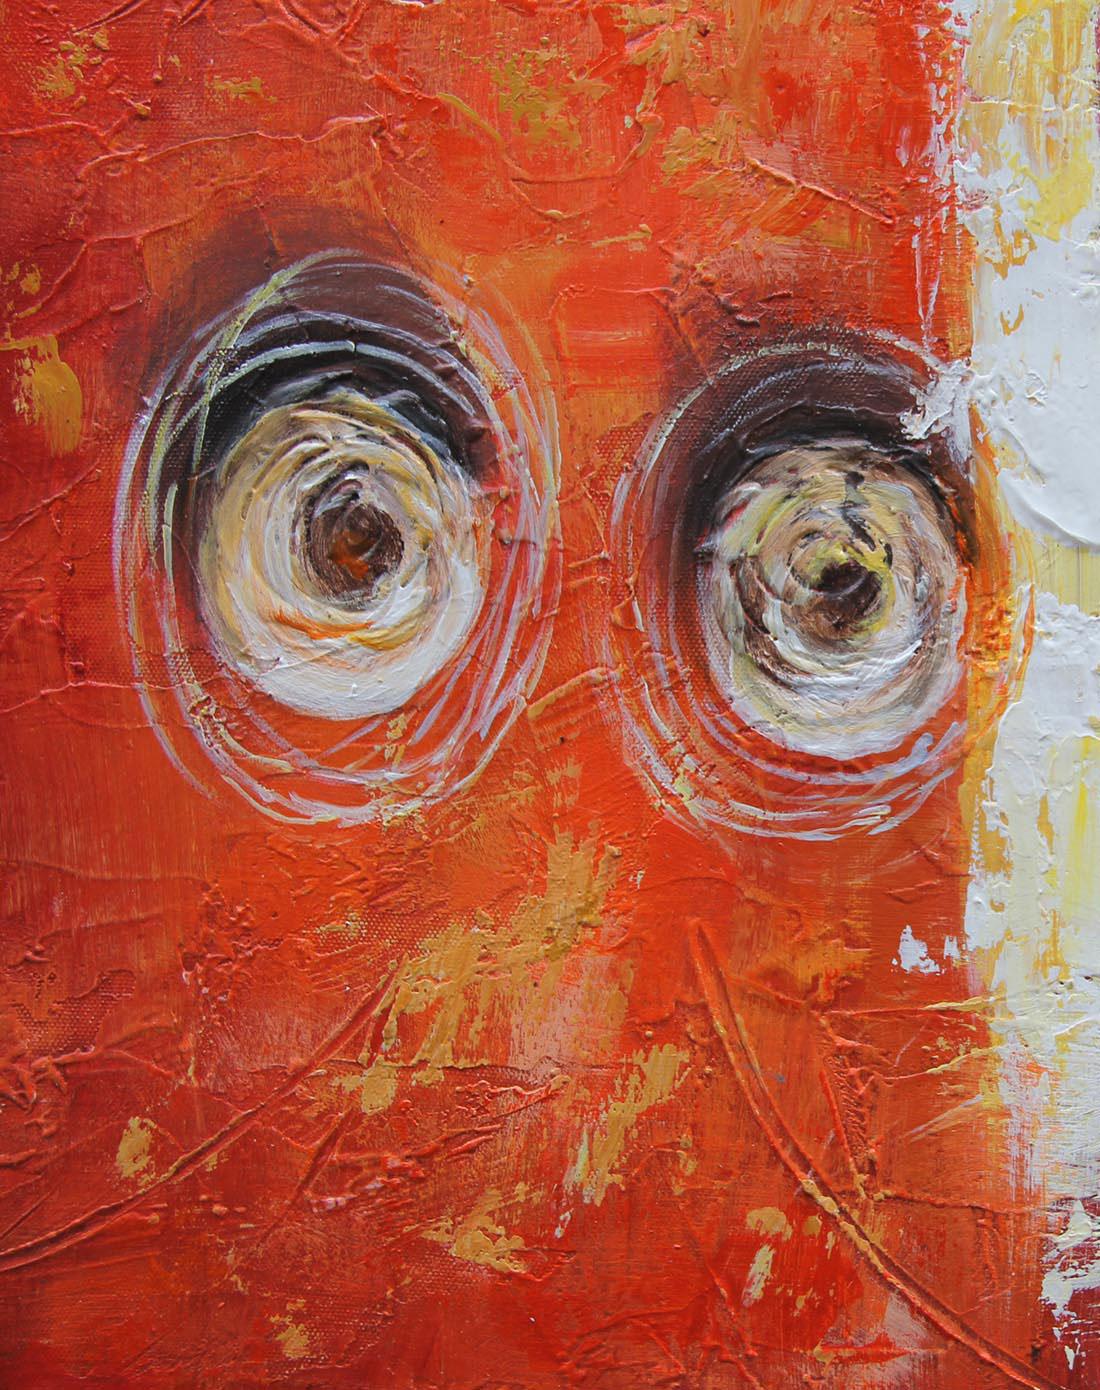 抽象派纯手绘内框油画-《旧模样》